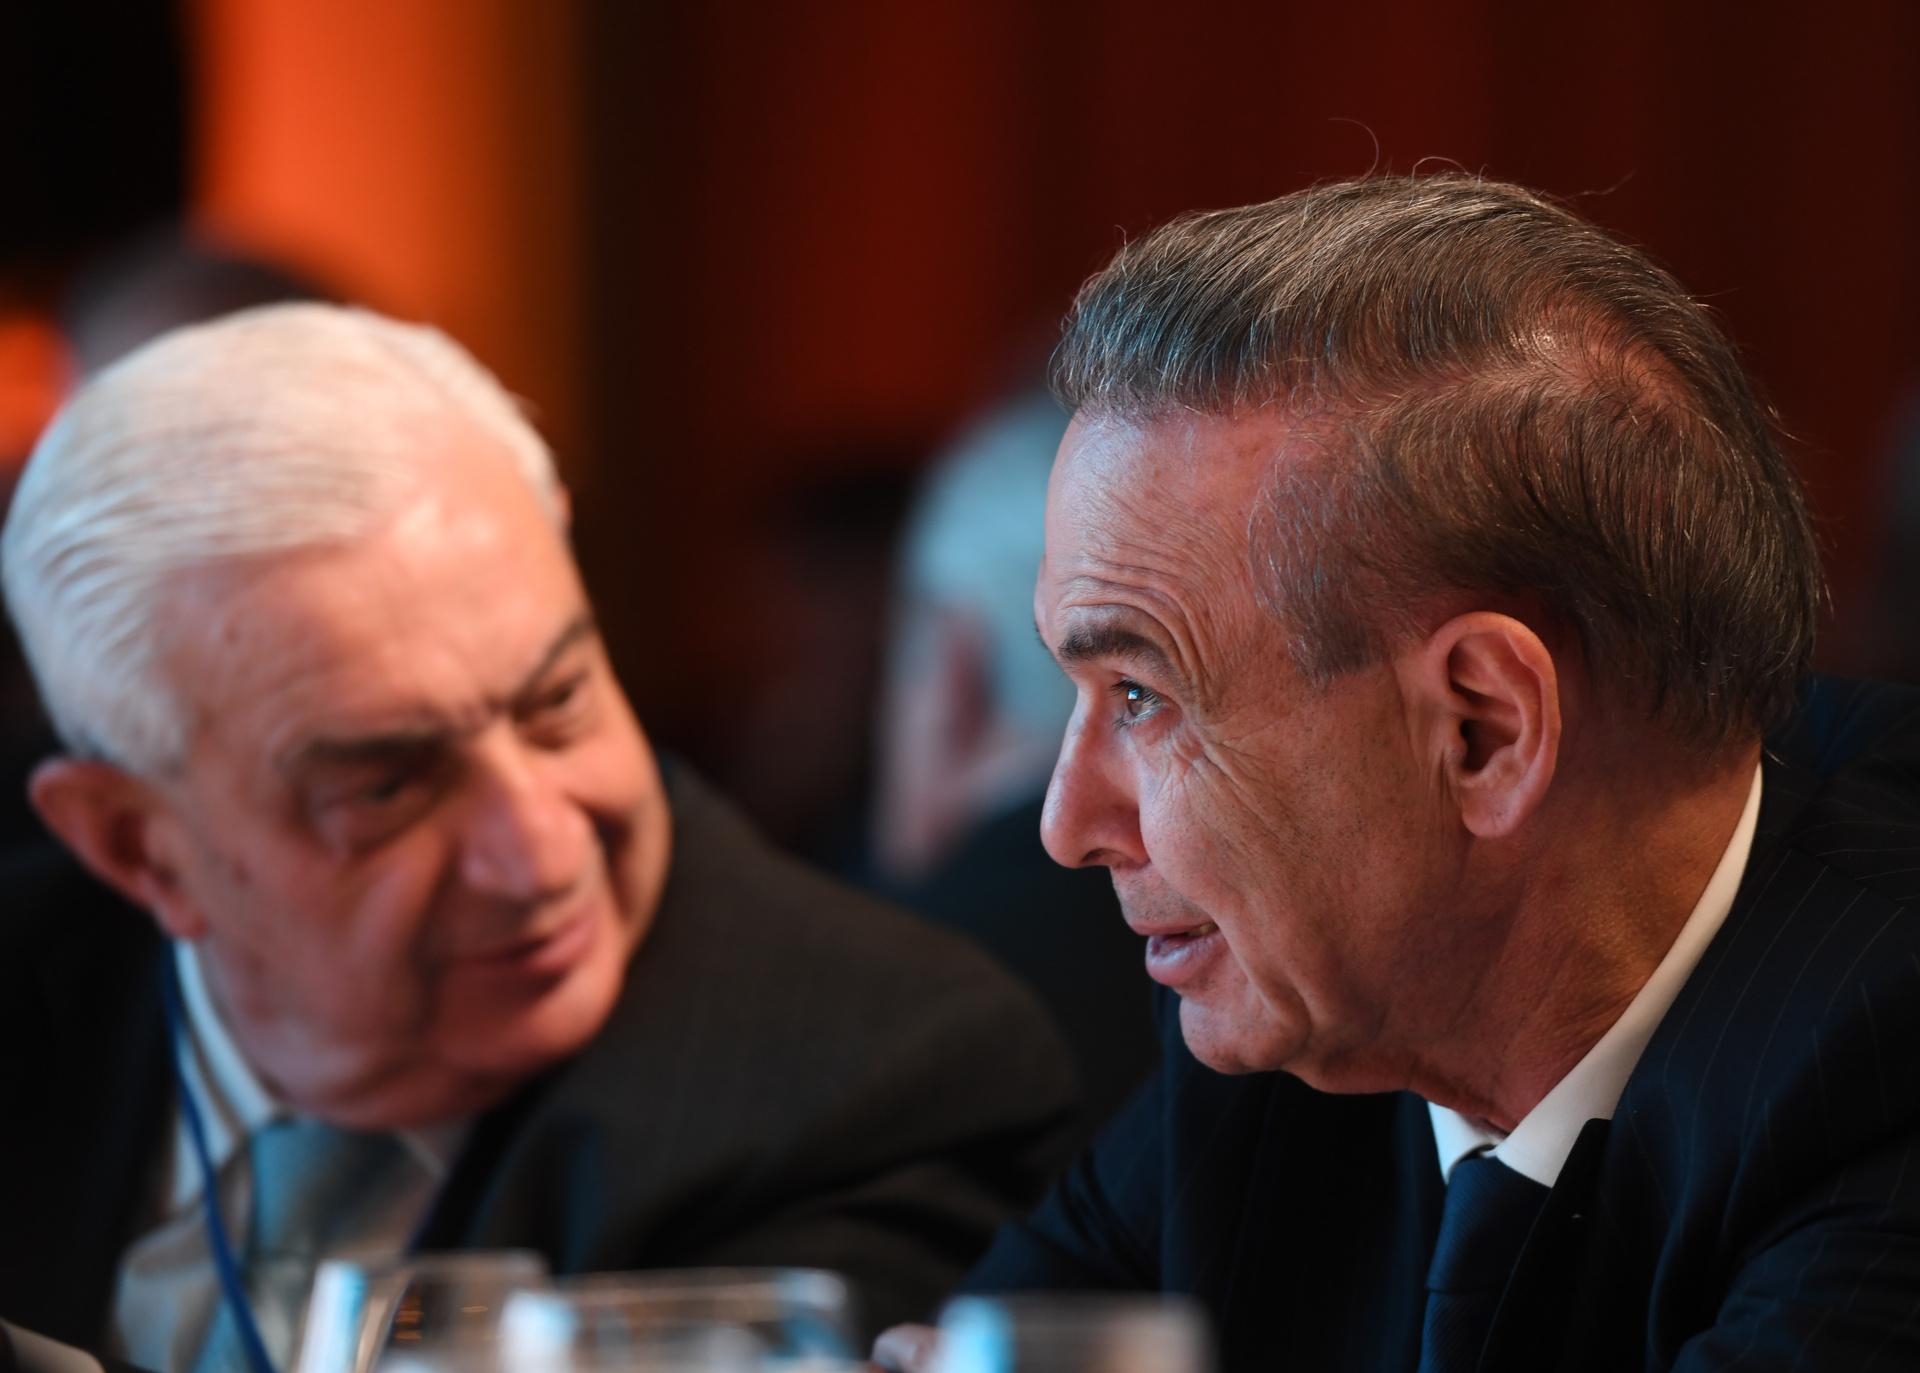 Adelmo Gabbi, titular de la Bolsa de Comercio, y el senador Pichetto